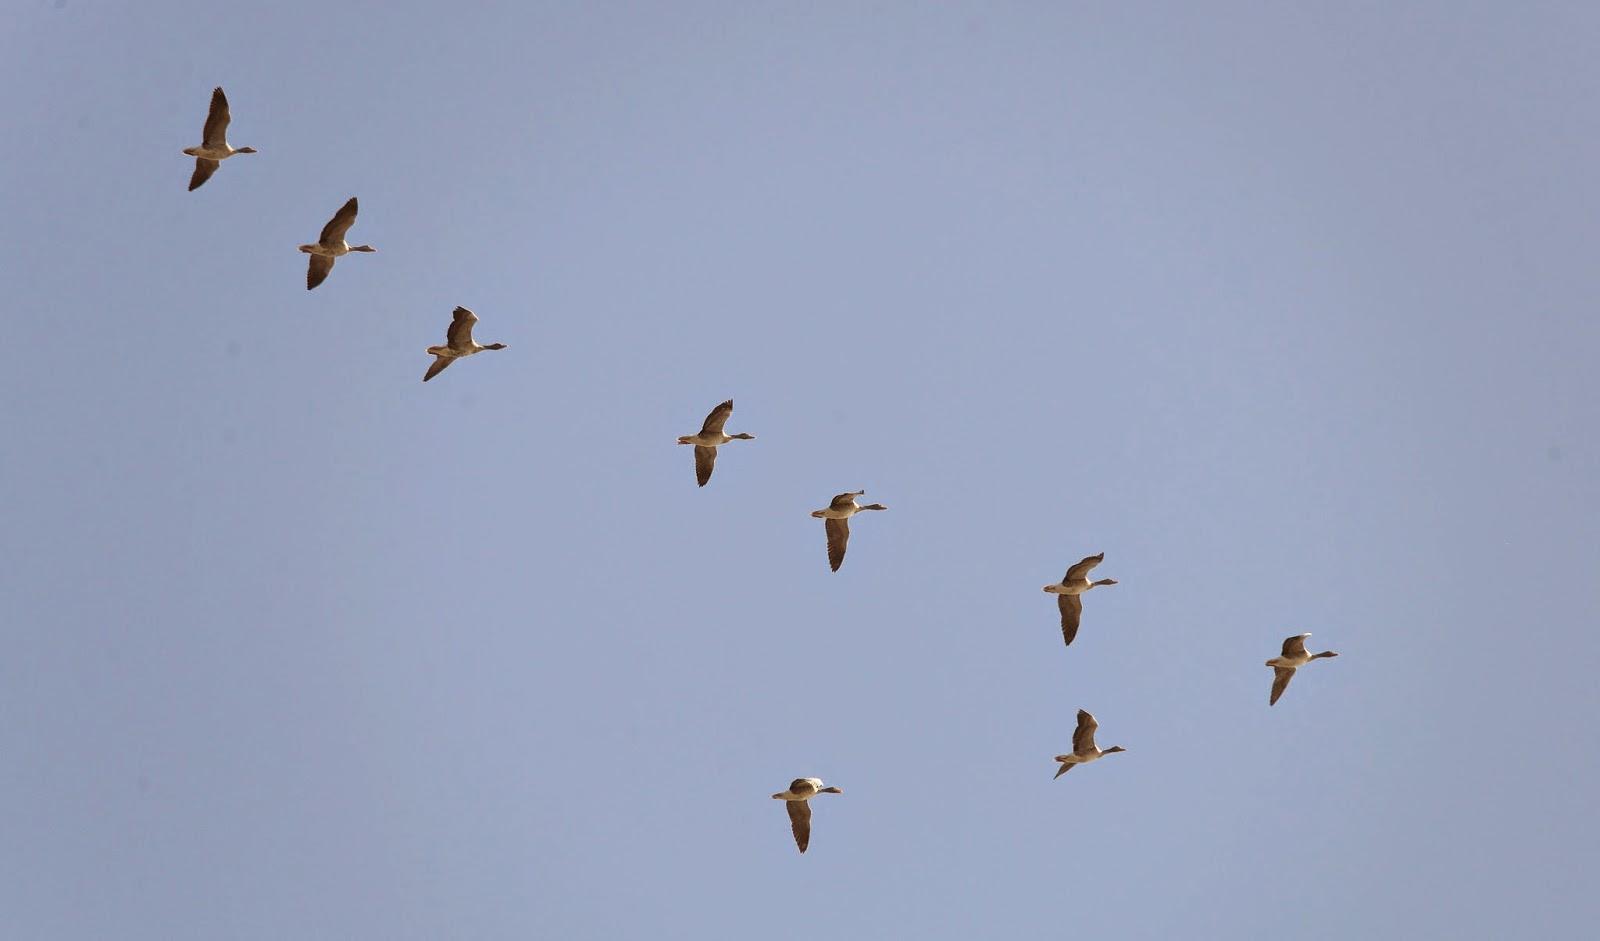 XVIII RECIBIMIENTO A LOS ÁNSARES. Organizado por el grupo local SEO-Sevilla de SEO/BirdLife